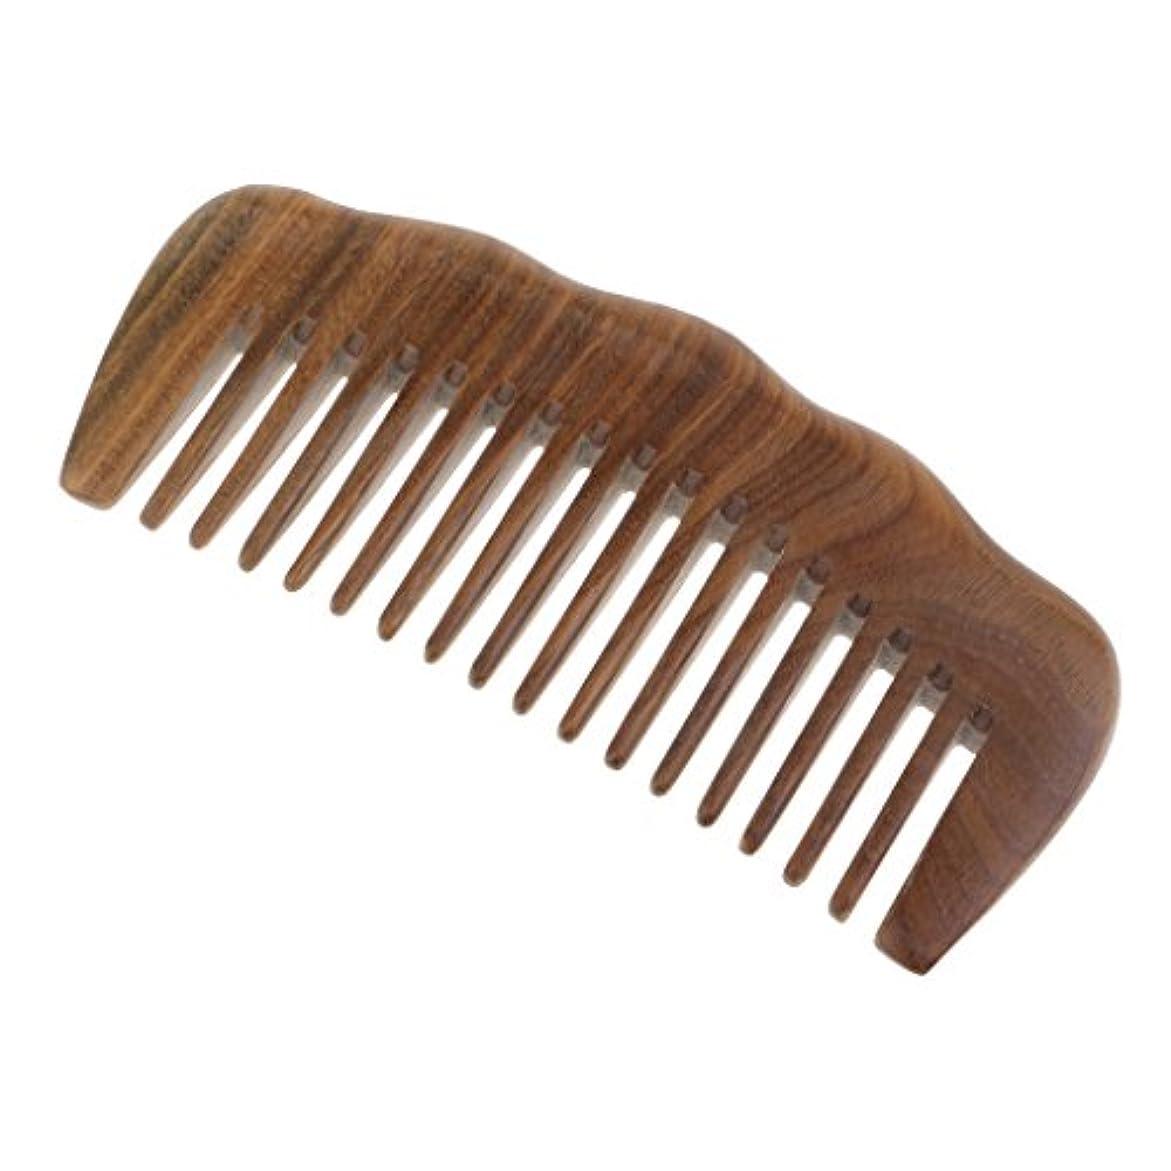 ロシアハブブミュウミュウ帯電防止櫛 木製櫛 頭皮マッサージ ヘアコーム 木製ワイド歯ブラシ